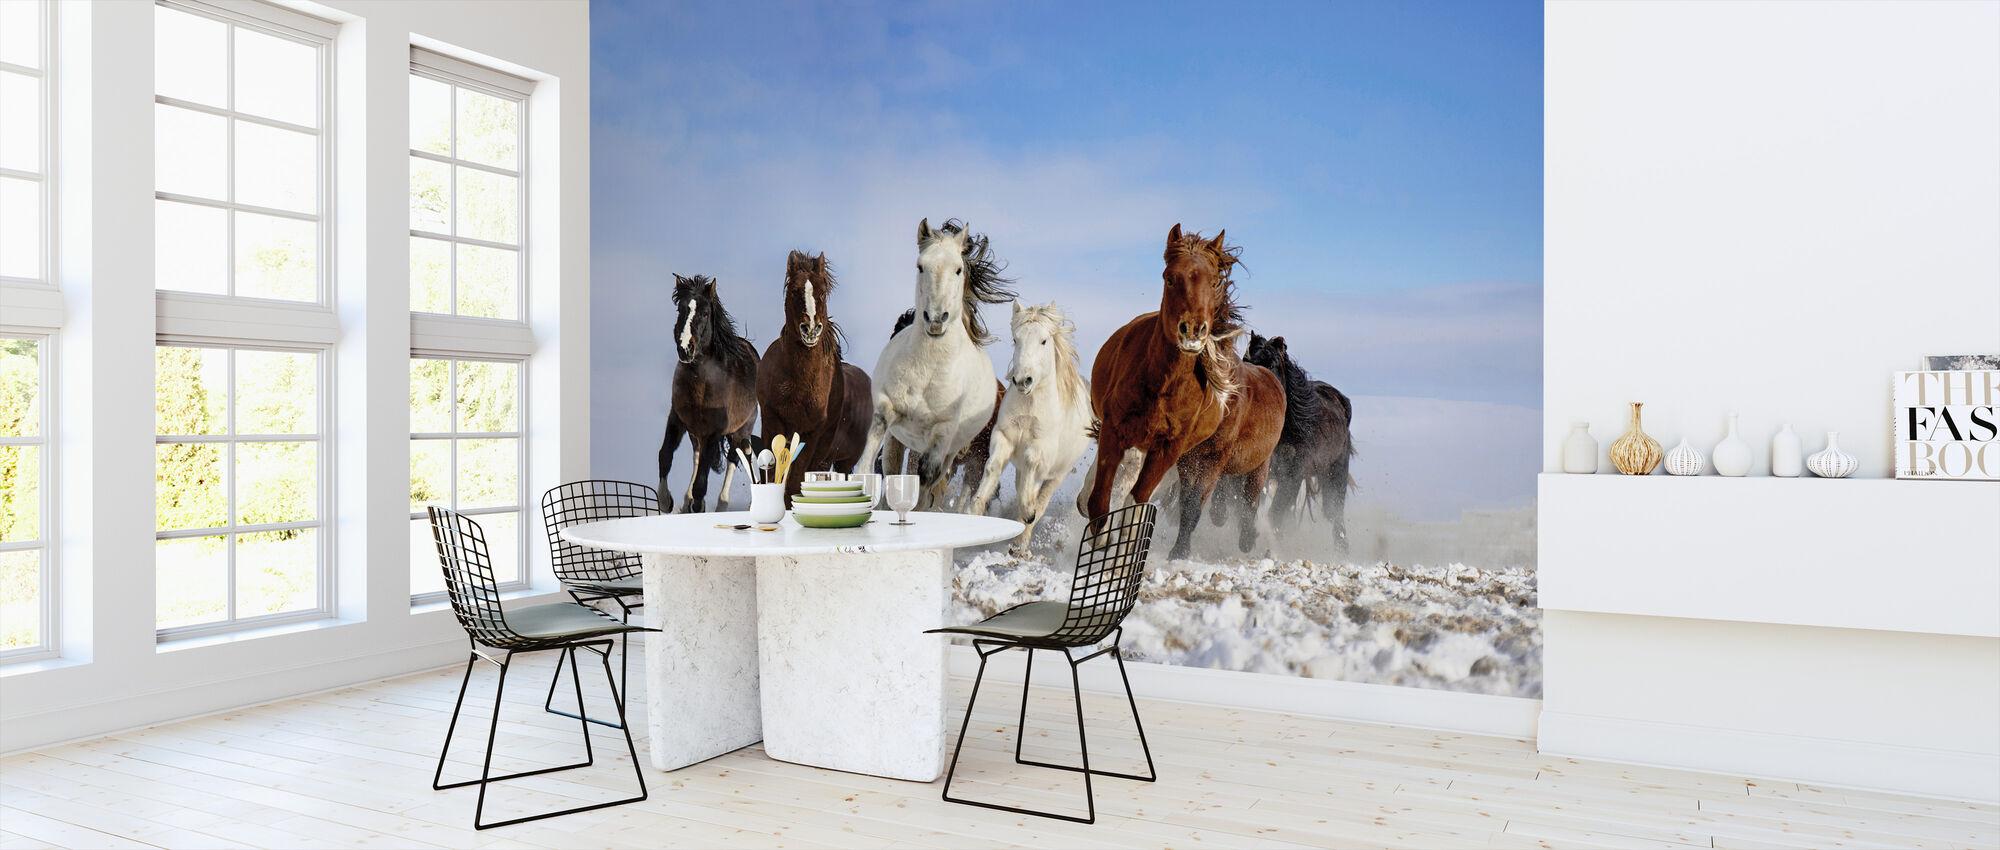 Mongolia Horses - Wallpaper - Kitchen